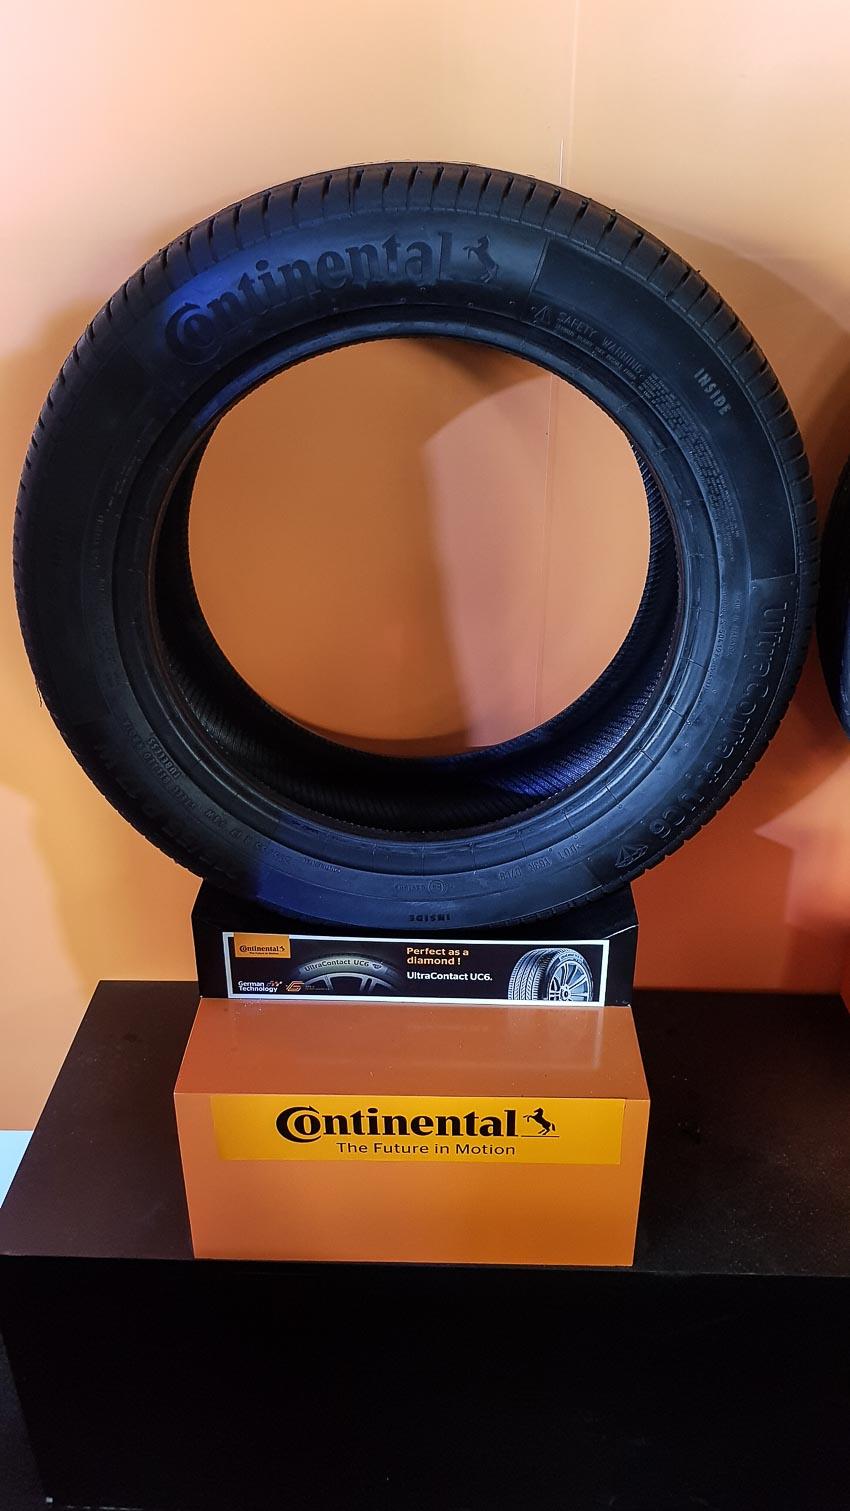 DNP-Continental-Tires-cho-ra-mat-hai-dong-lop-chuyen-dung-the-he-moi-2